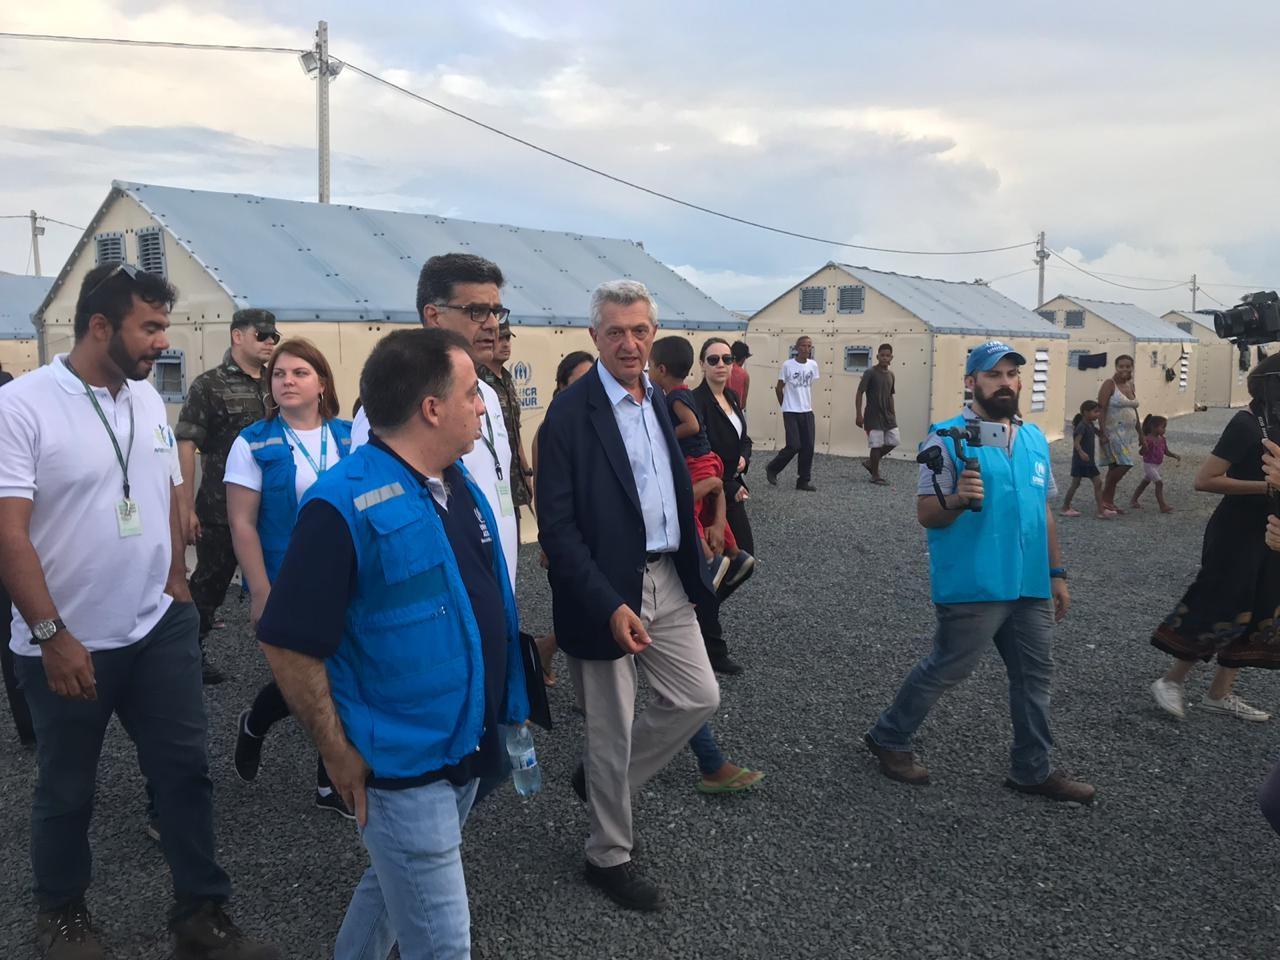 Alto comissário da ONU para refugiados vai pedir apoio internacional para ajuda a venezuelanos no Brasil - Notícias - Plantão Diário